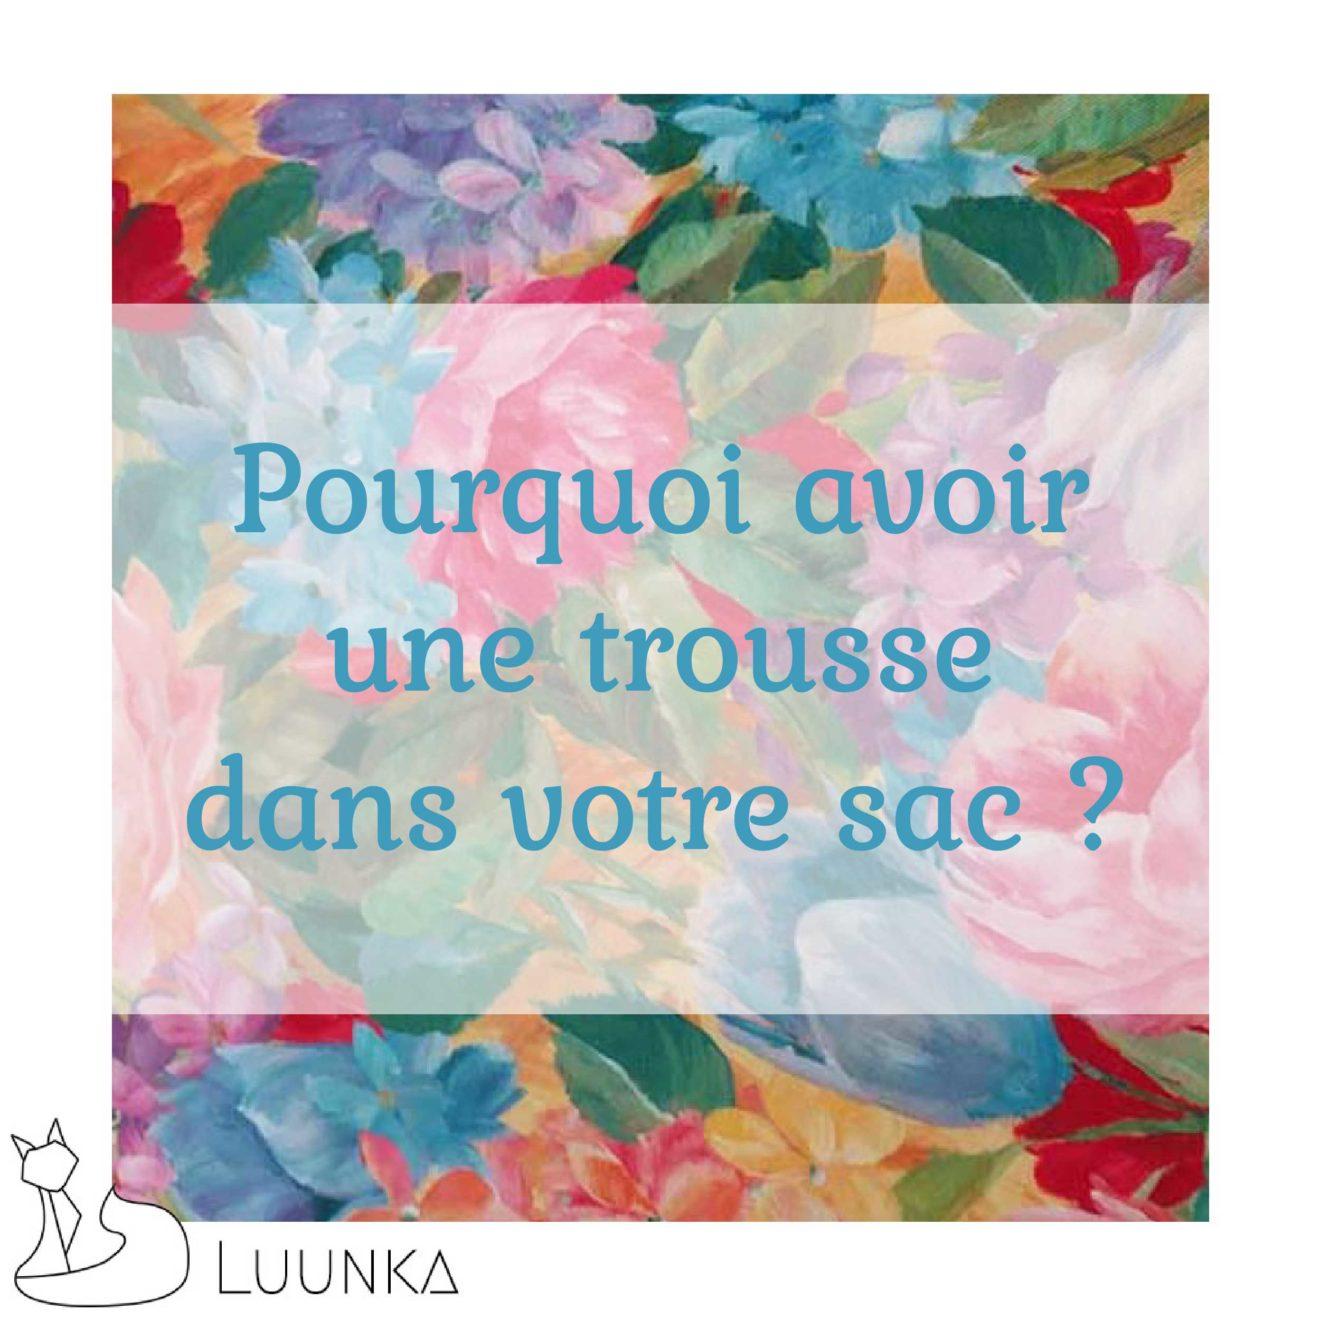 luunka-sac-accessoire-marque-francaise-made-in-france-blog-article-05-pourquoi-avoir-une-trousse-dans-votre-sac